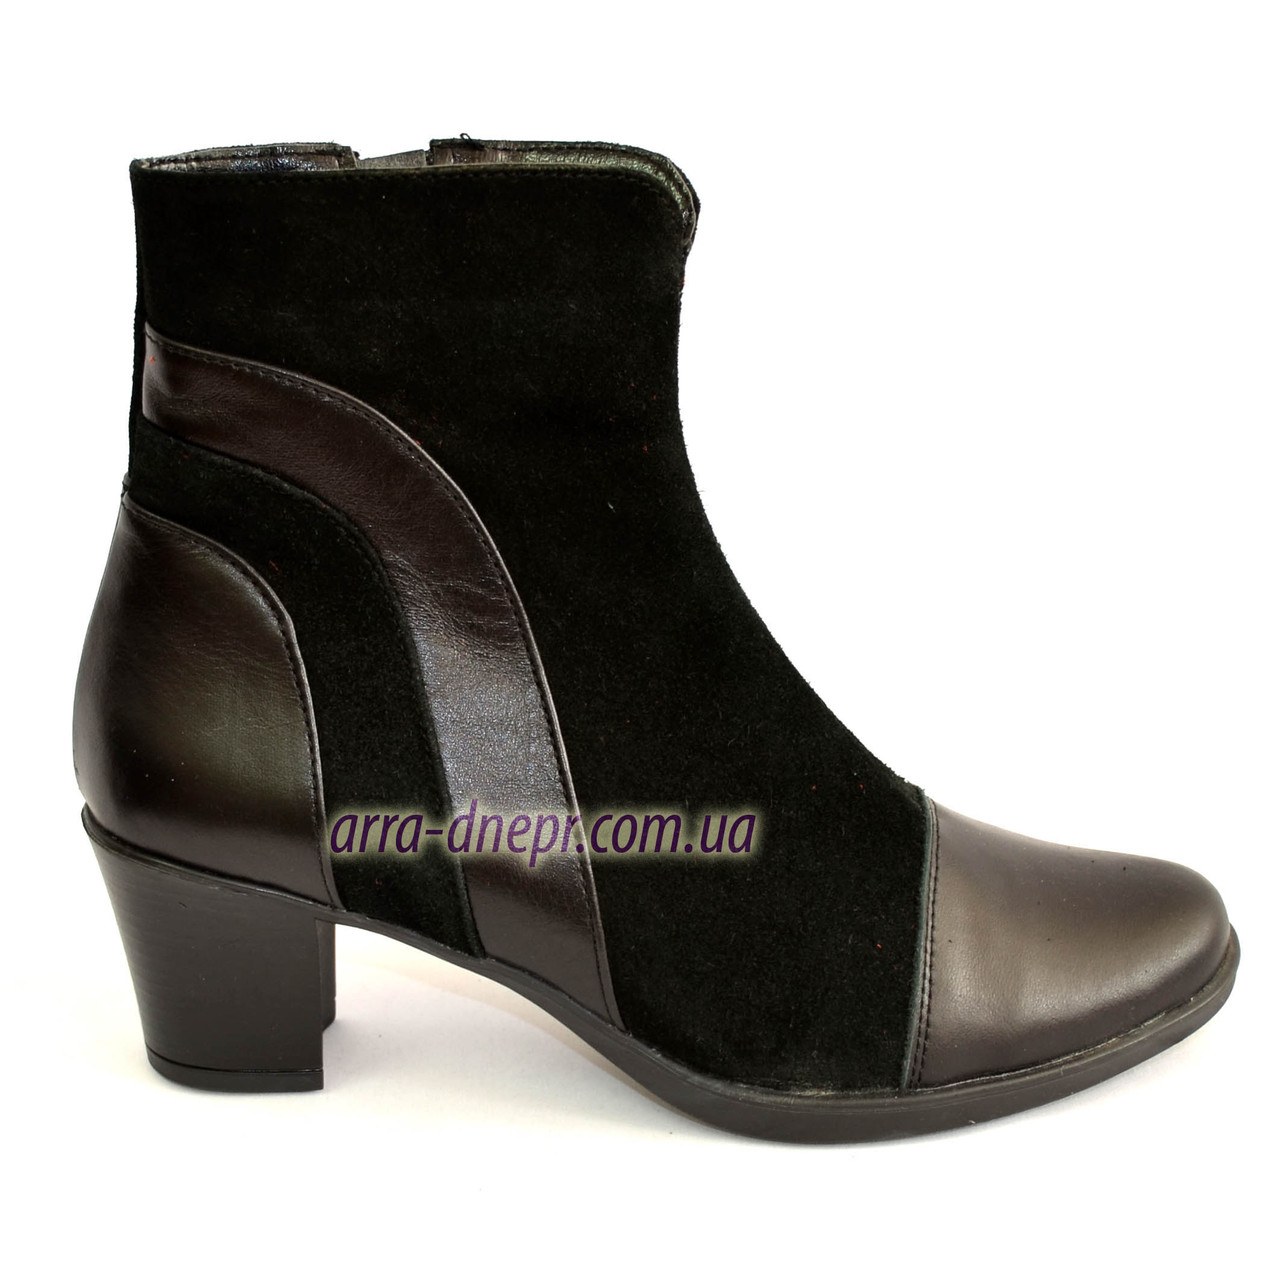 Женские зимние ботинки на невысоком устойчивом каблуке, натуральная кожа и замша